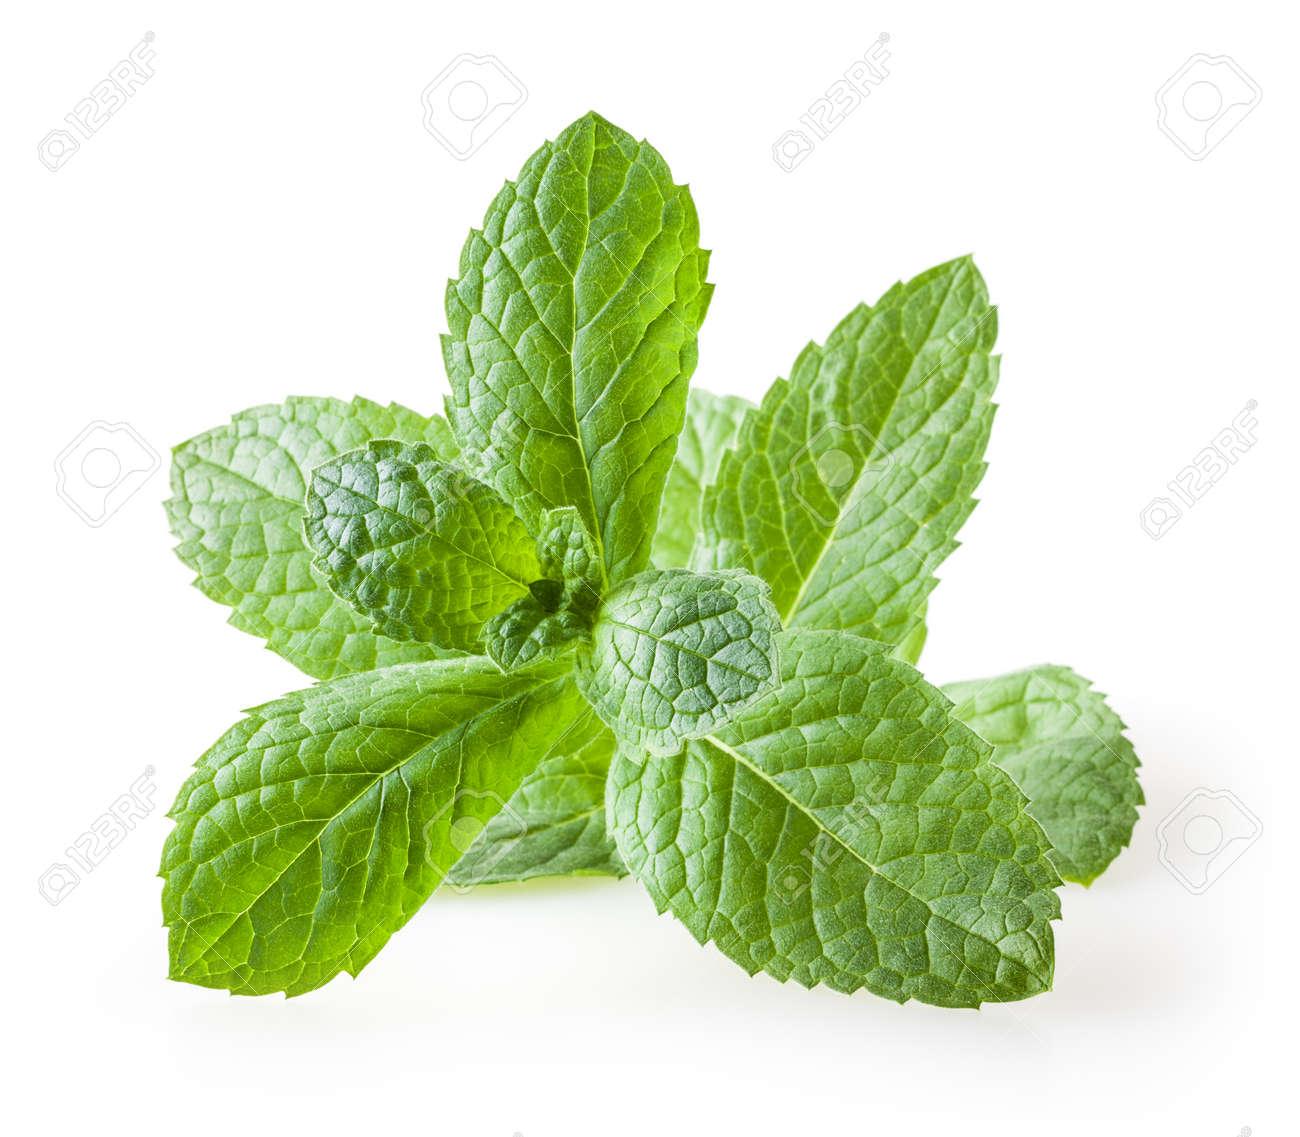 Fresh melissa leaves isolated on white background - 128285123